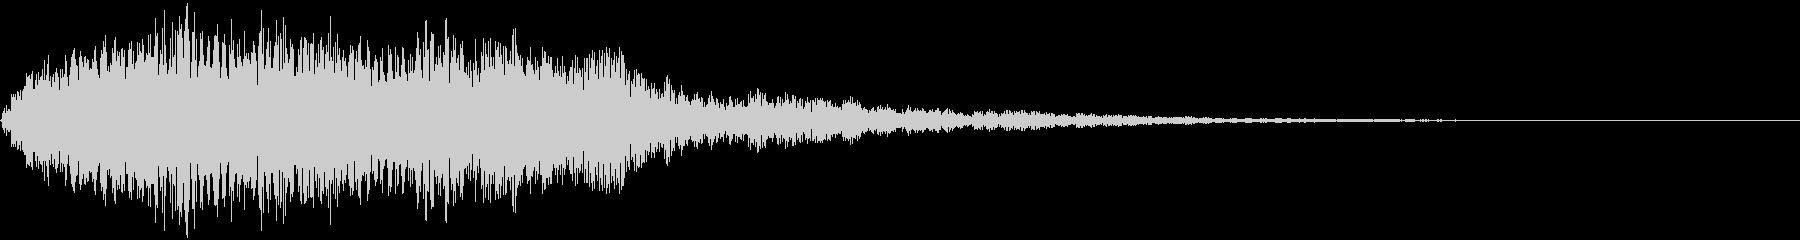 【ホラーゲーム】不意打ち_シンバル_03の未再生の波形